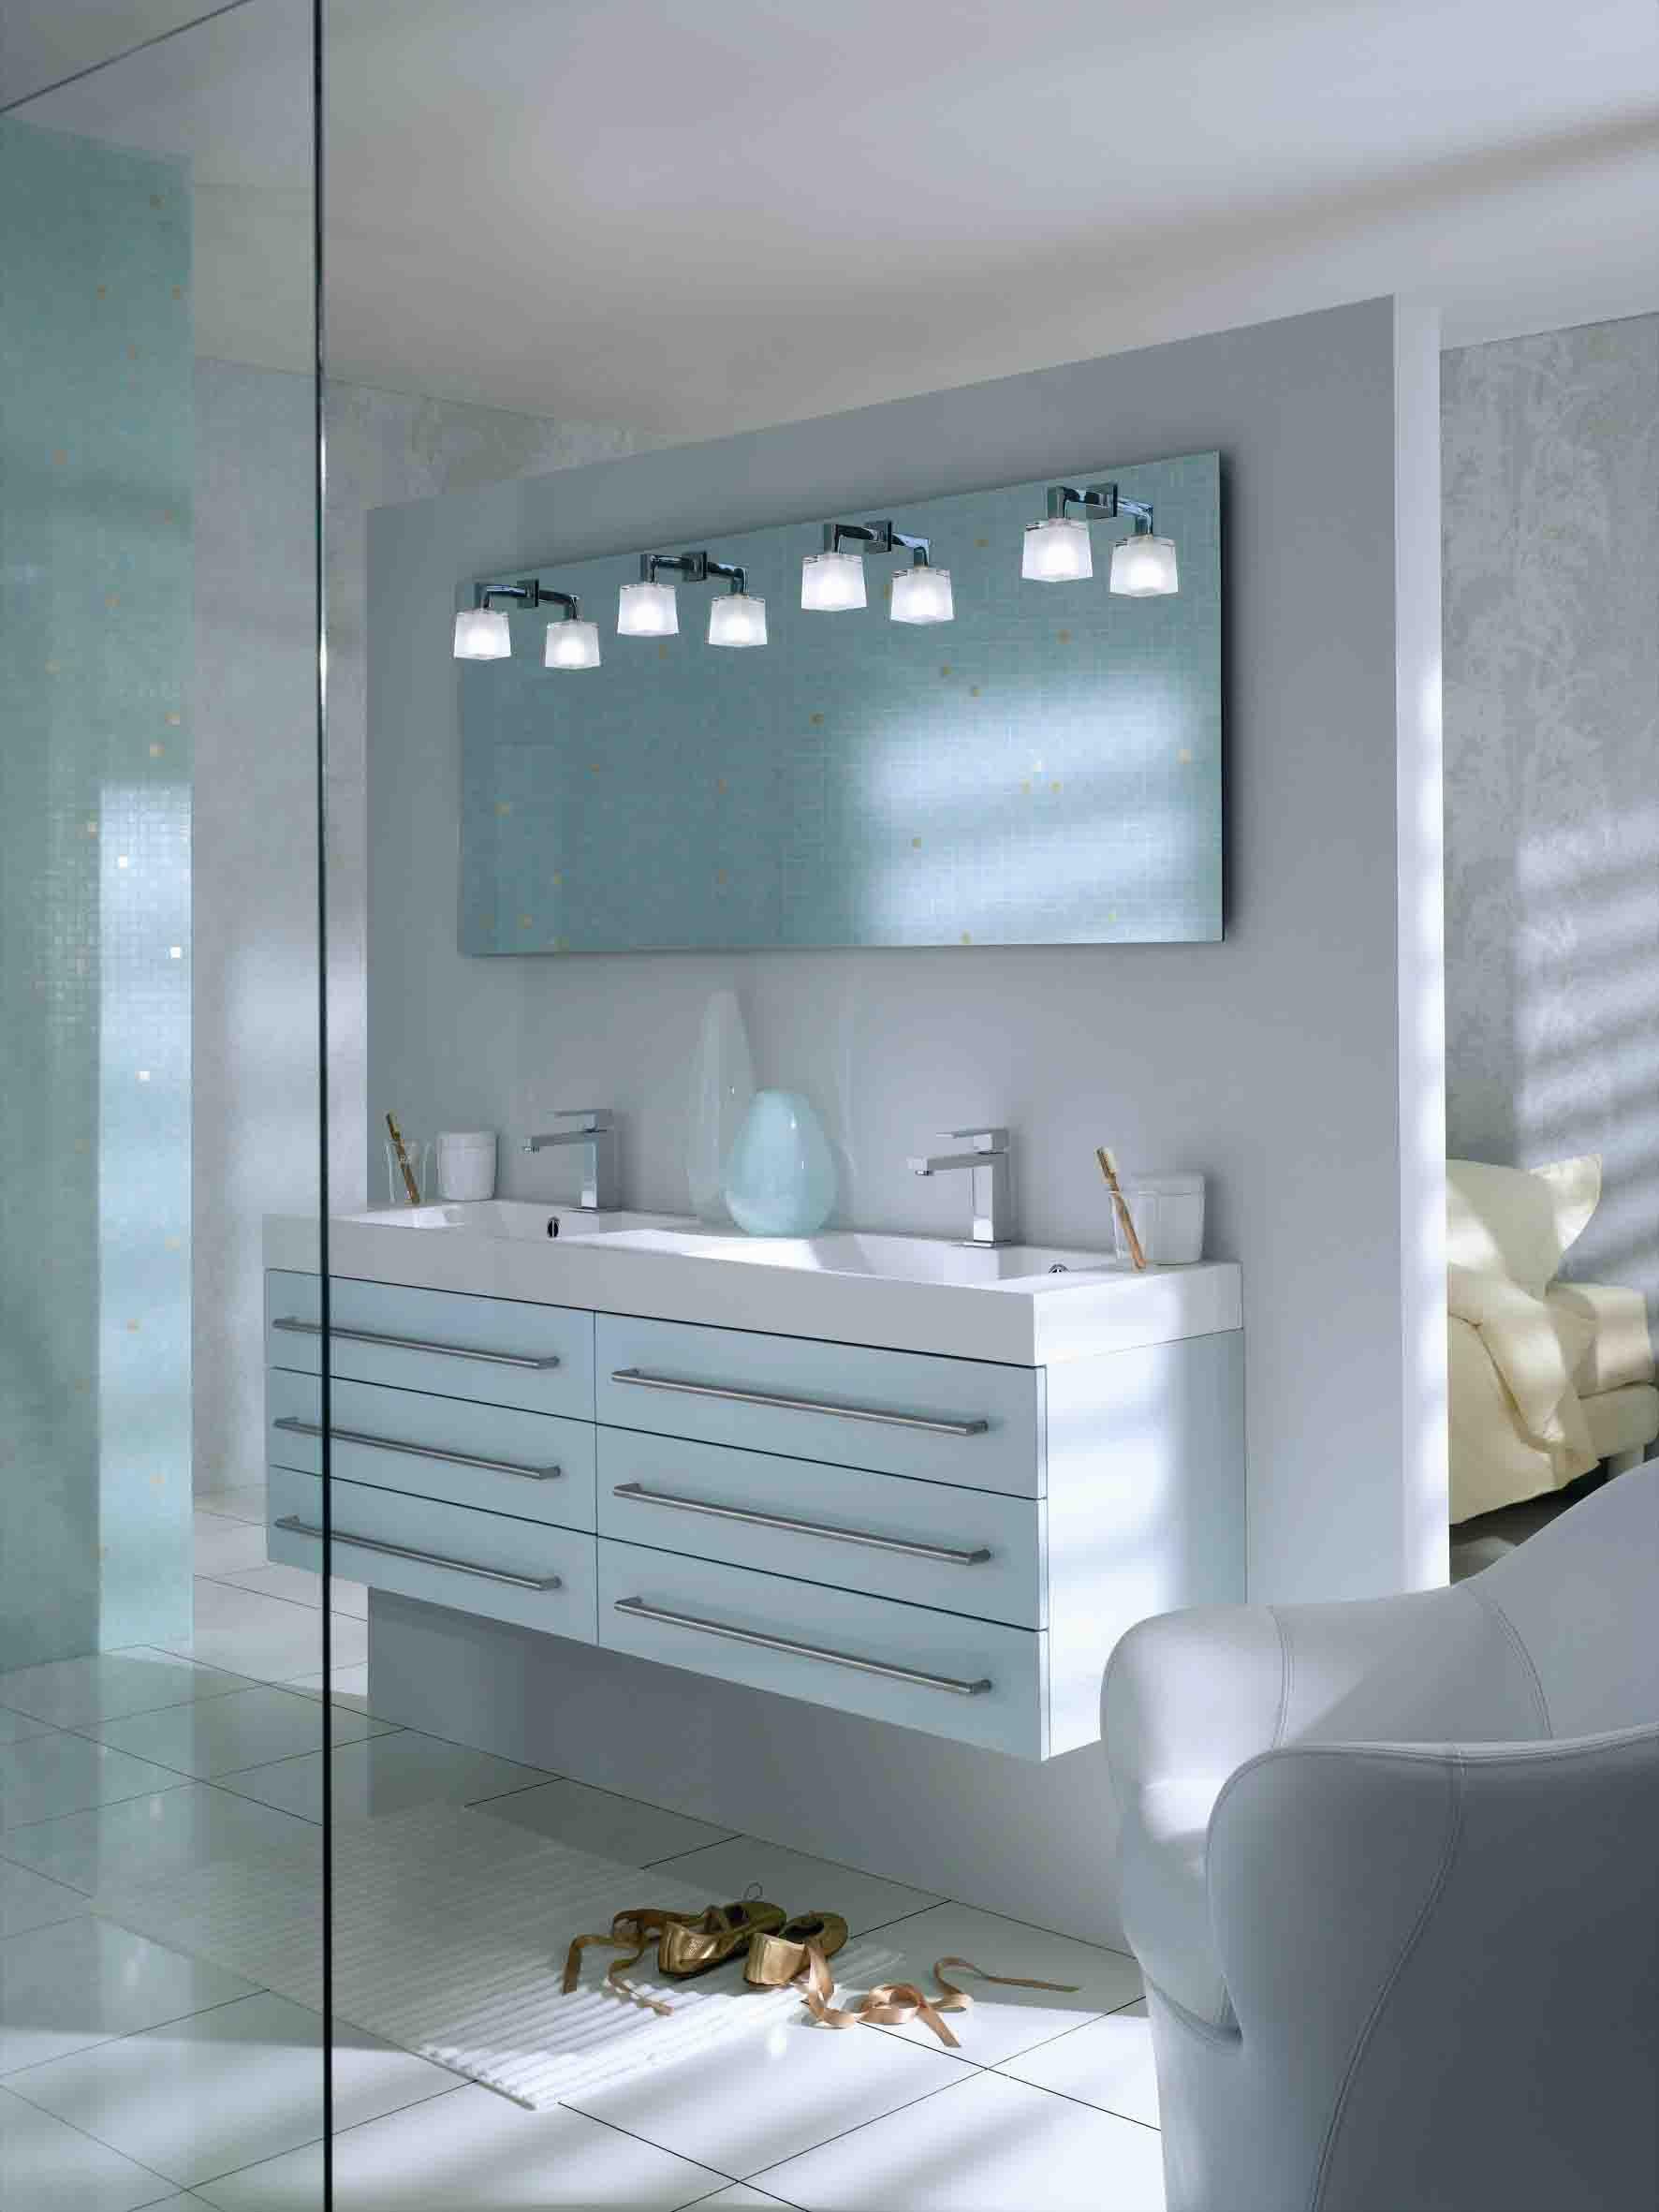 Paris 60-Inch Espresso Double-Sink Bathroom Vanity With Mirrors decotec bathroom vanity double bathroom vanity - new york intégré